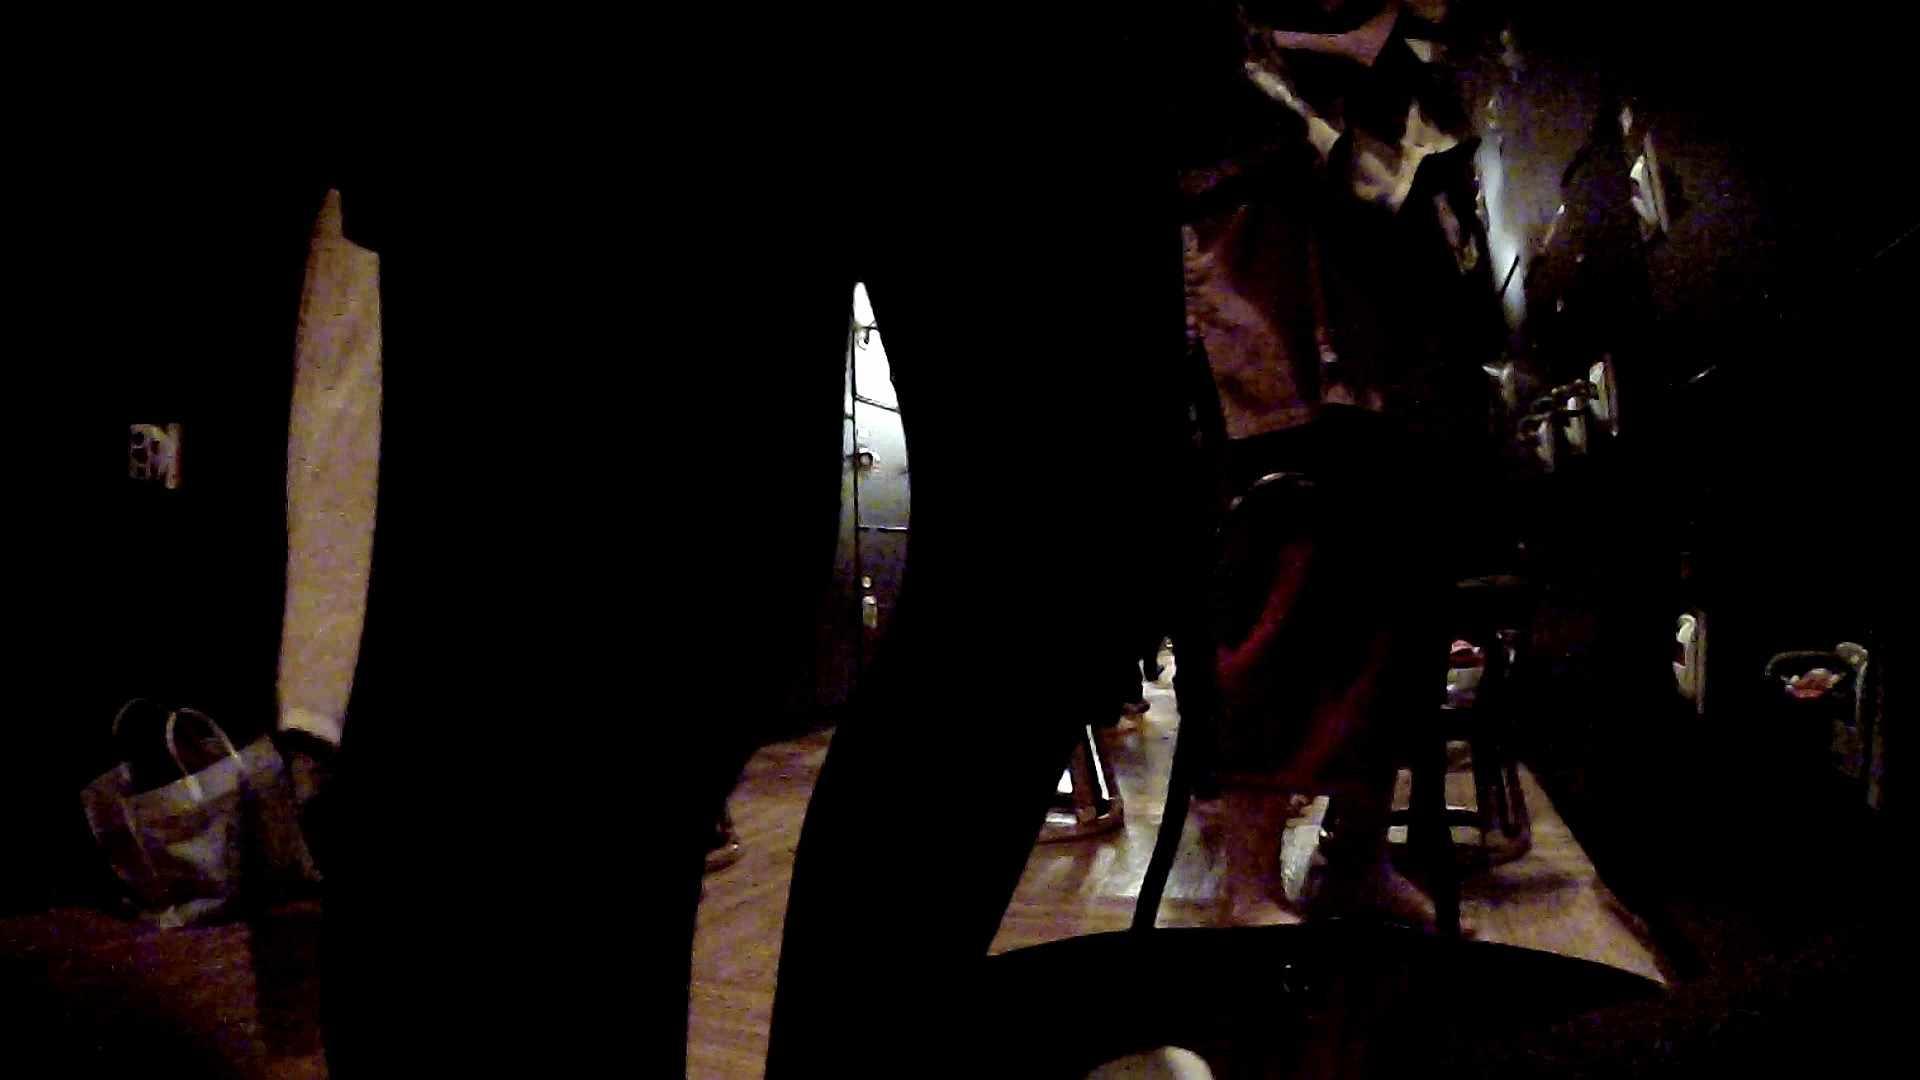 脱衣所!オムニバス 大混雑!注目はあの人の御御足でしょう。 女湯のぞき オマンコ無修正動画無料 109枚 47